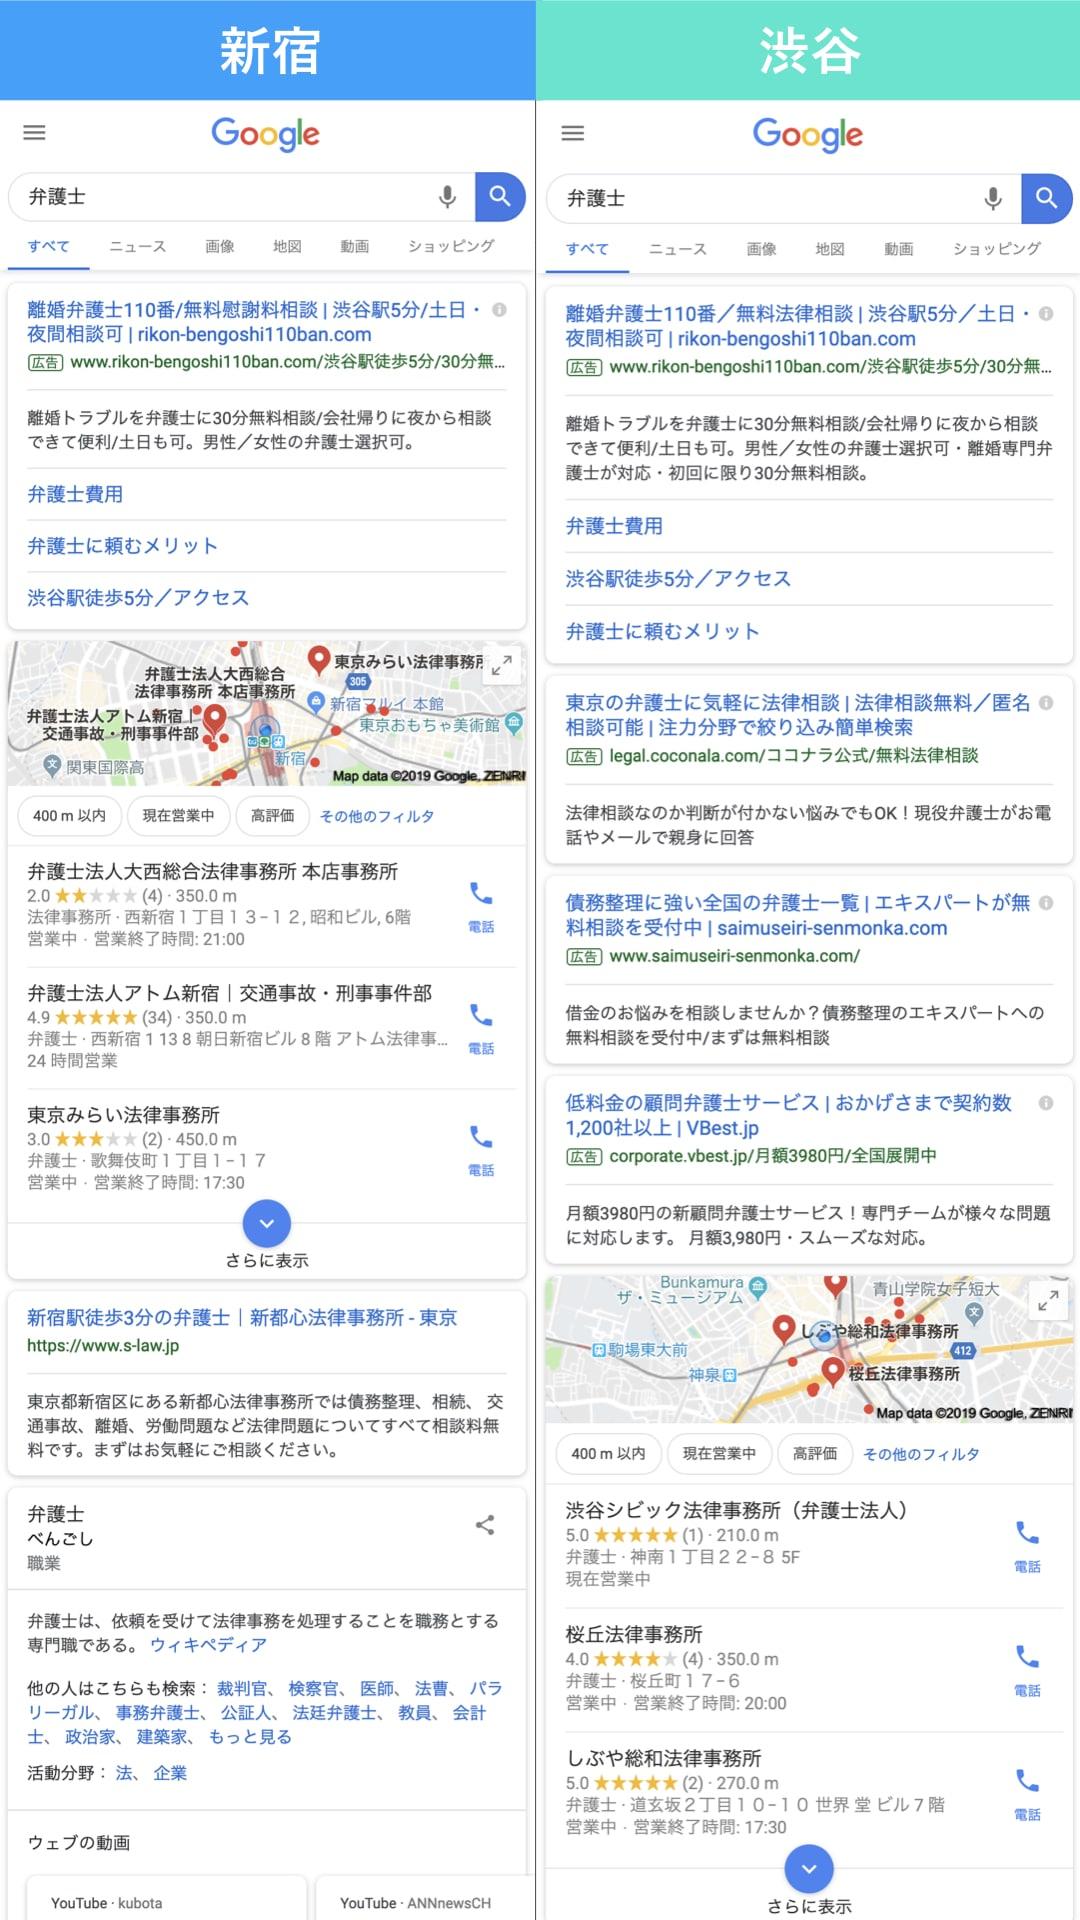 地域による検索表示順位の違い